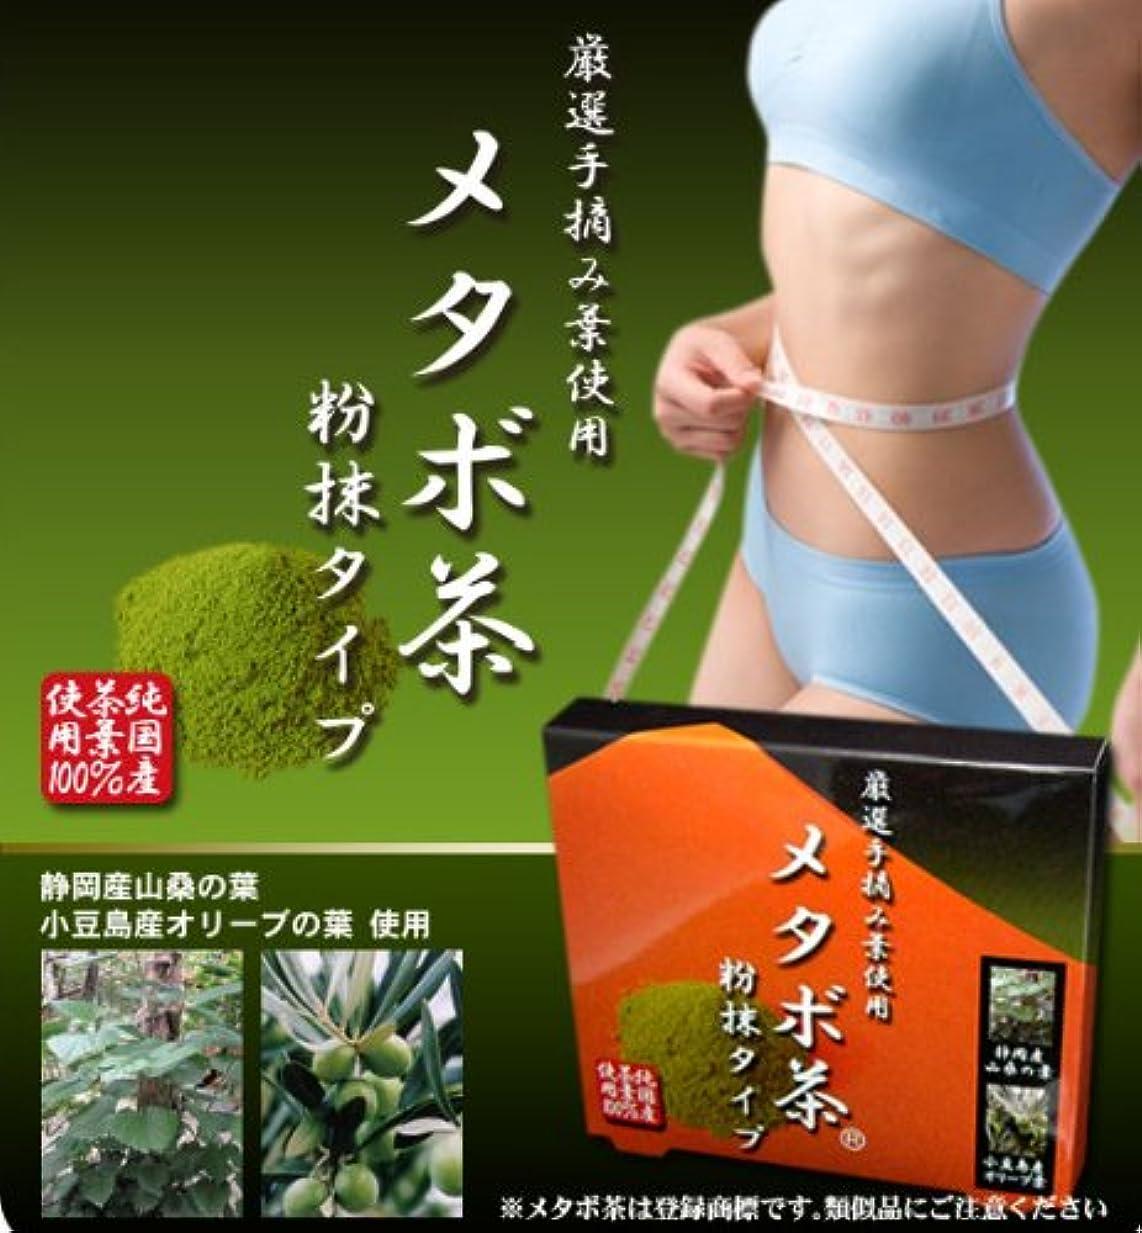 警戒簡単にメカニックメタボ茶粉抹タイプ 2個セット(完全無農薬 純国産茶葉100%使用ダイエット茶)